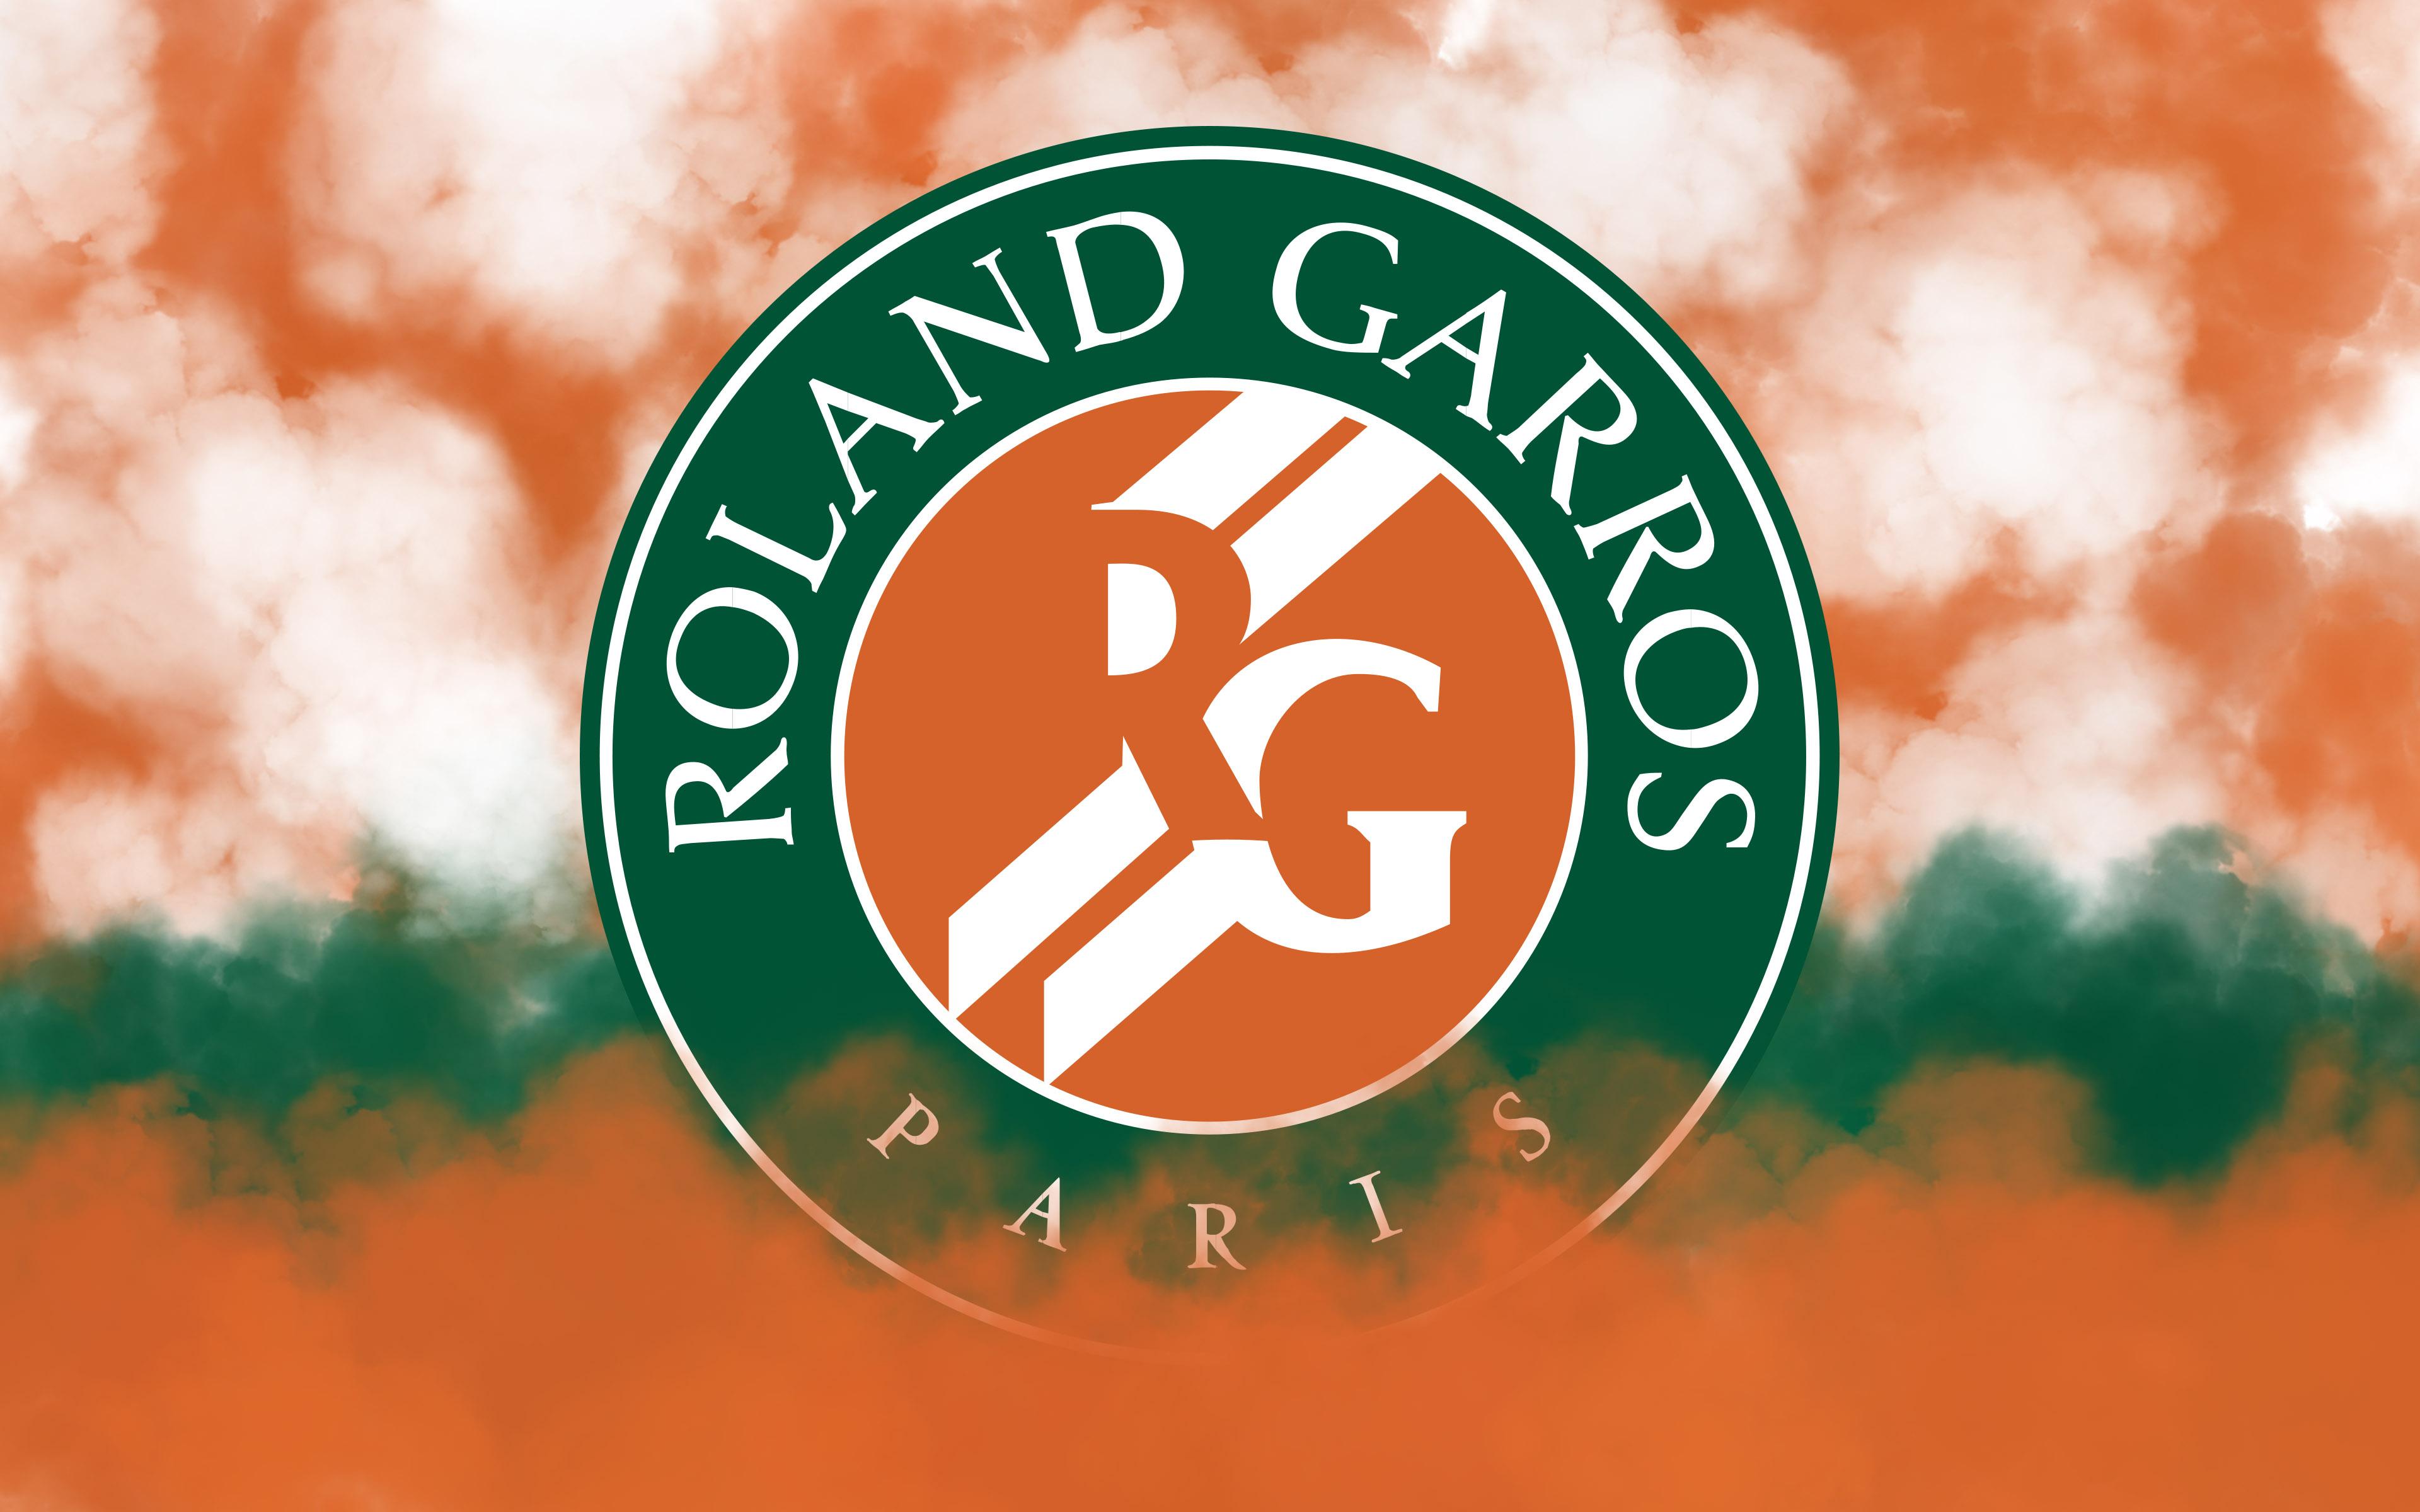 Pariuri speciale – Vom vedea asi si duble greseli in finala masculina Roland Garros?